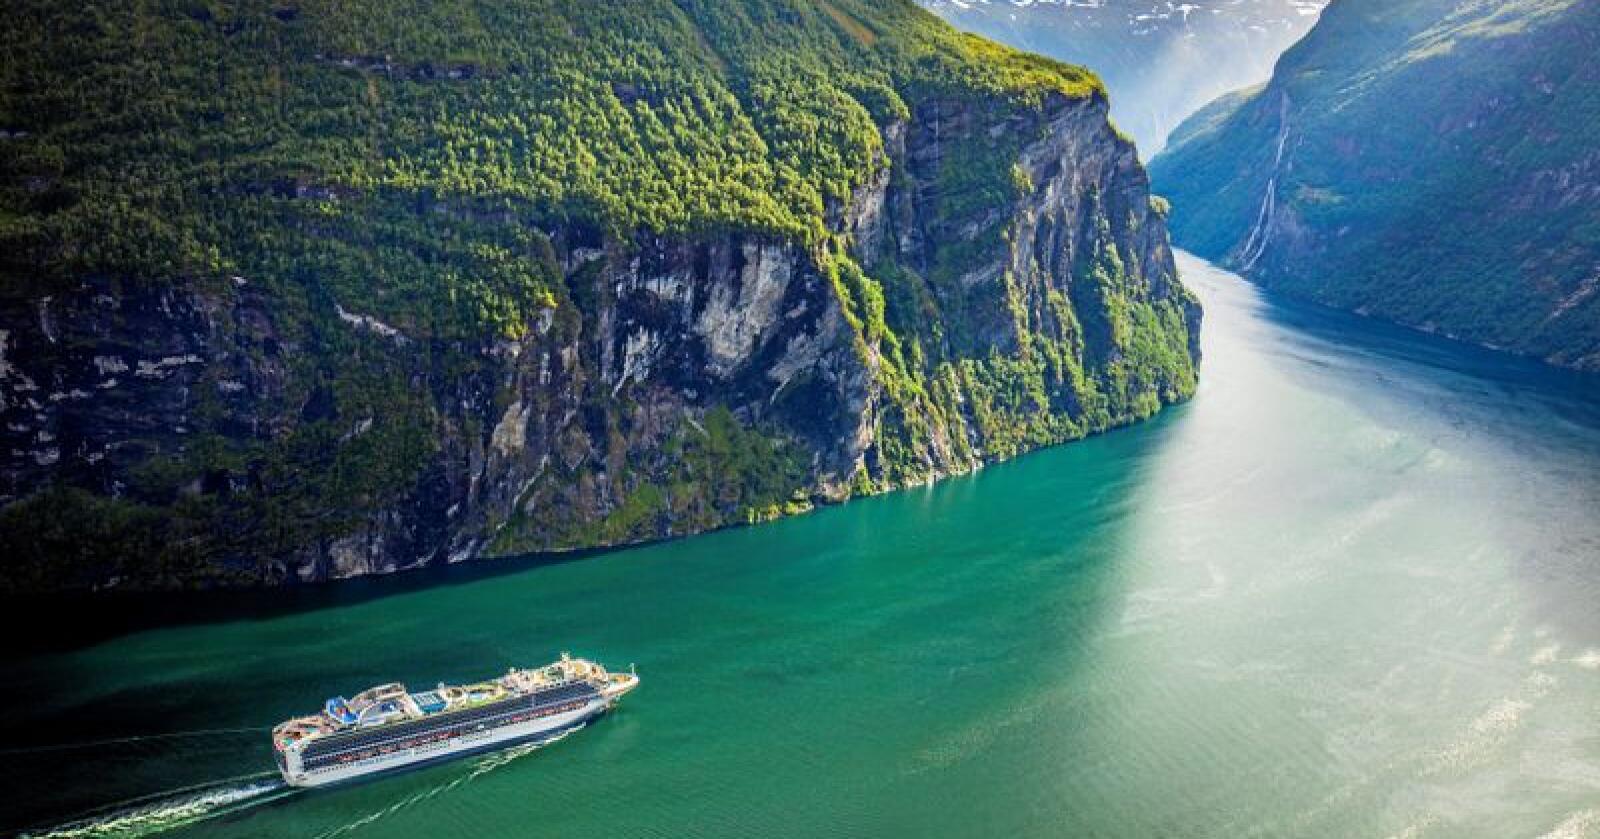 Cruiseskipet Sapphire Princess på veg ut Geirangerfjorden i Møre og Romsdal. Foto: Halvard Alvik, NTB scanpix